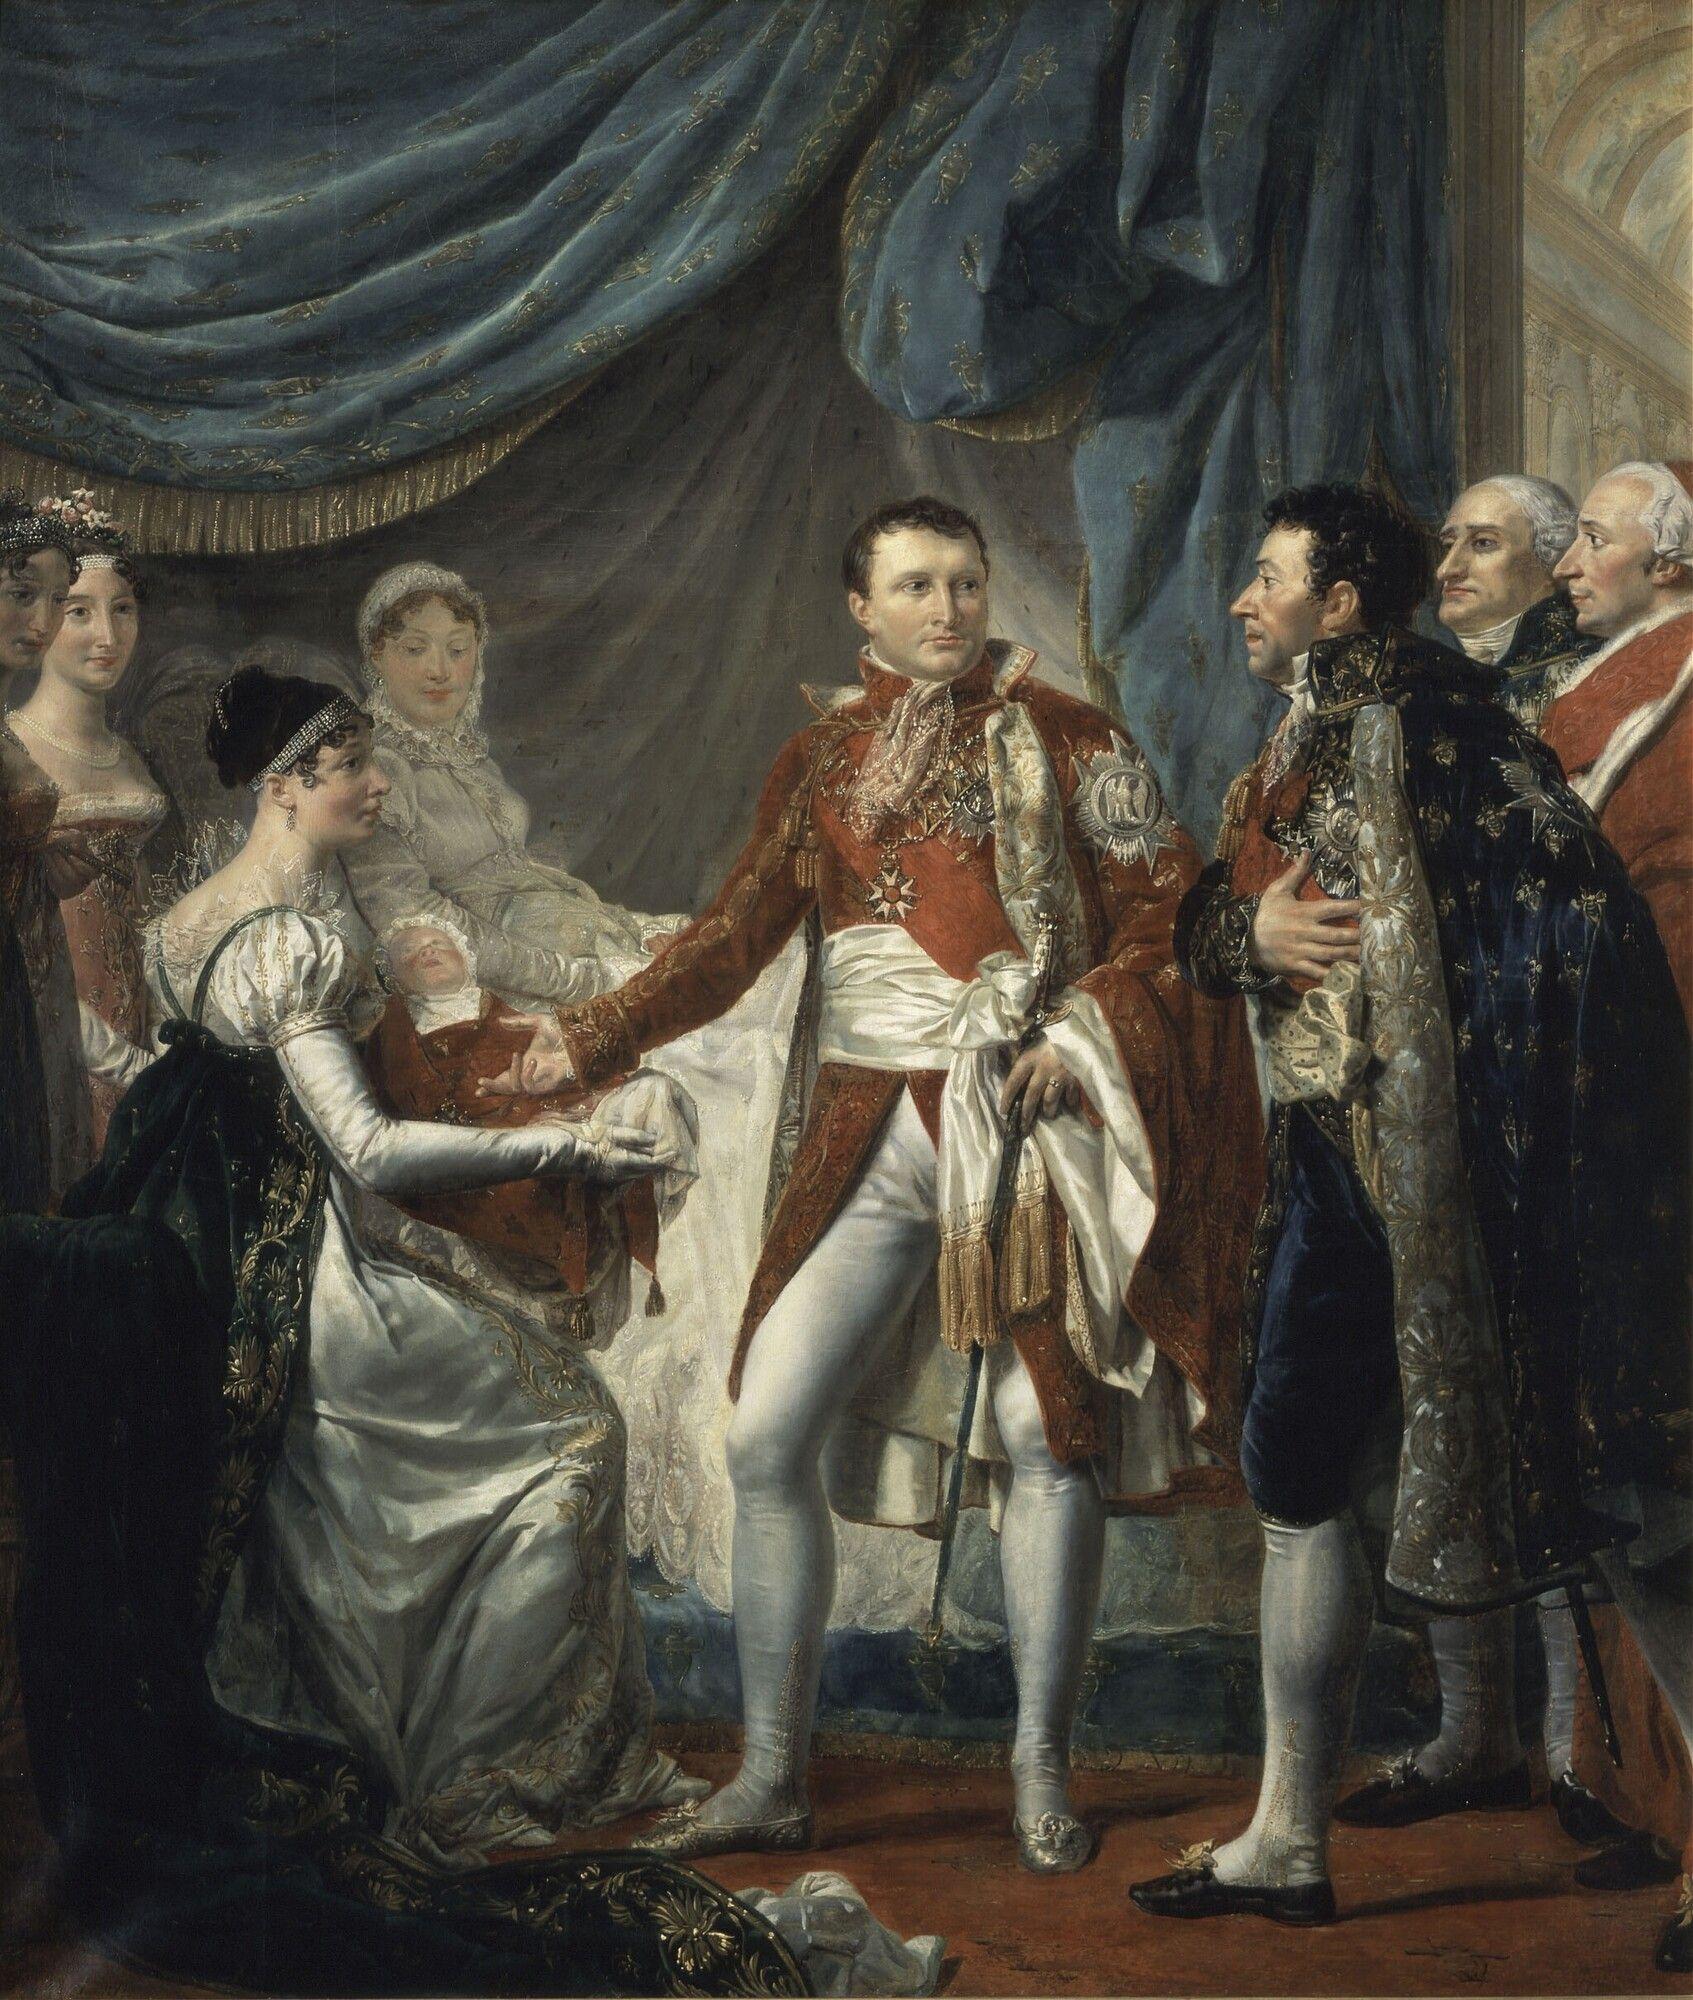 Rouget Napoleon Ier Presente Le Roi De Rome Aux Dignitaires De L Empire 20 Mars 1811 Rome Le Sacre De Napoleon Art